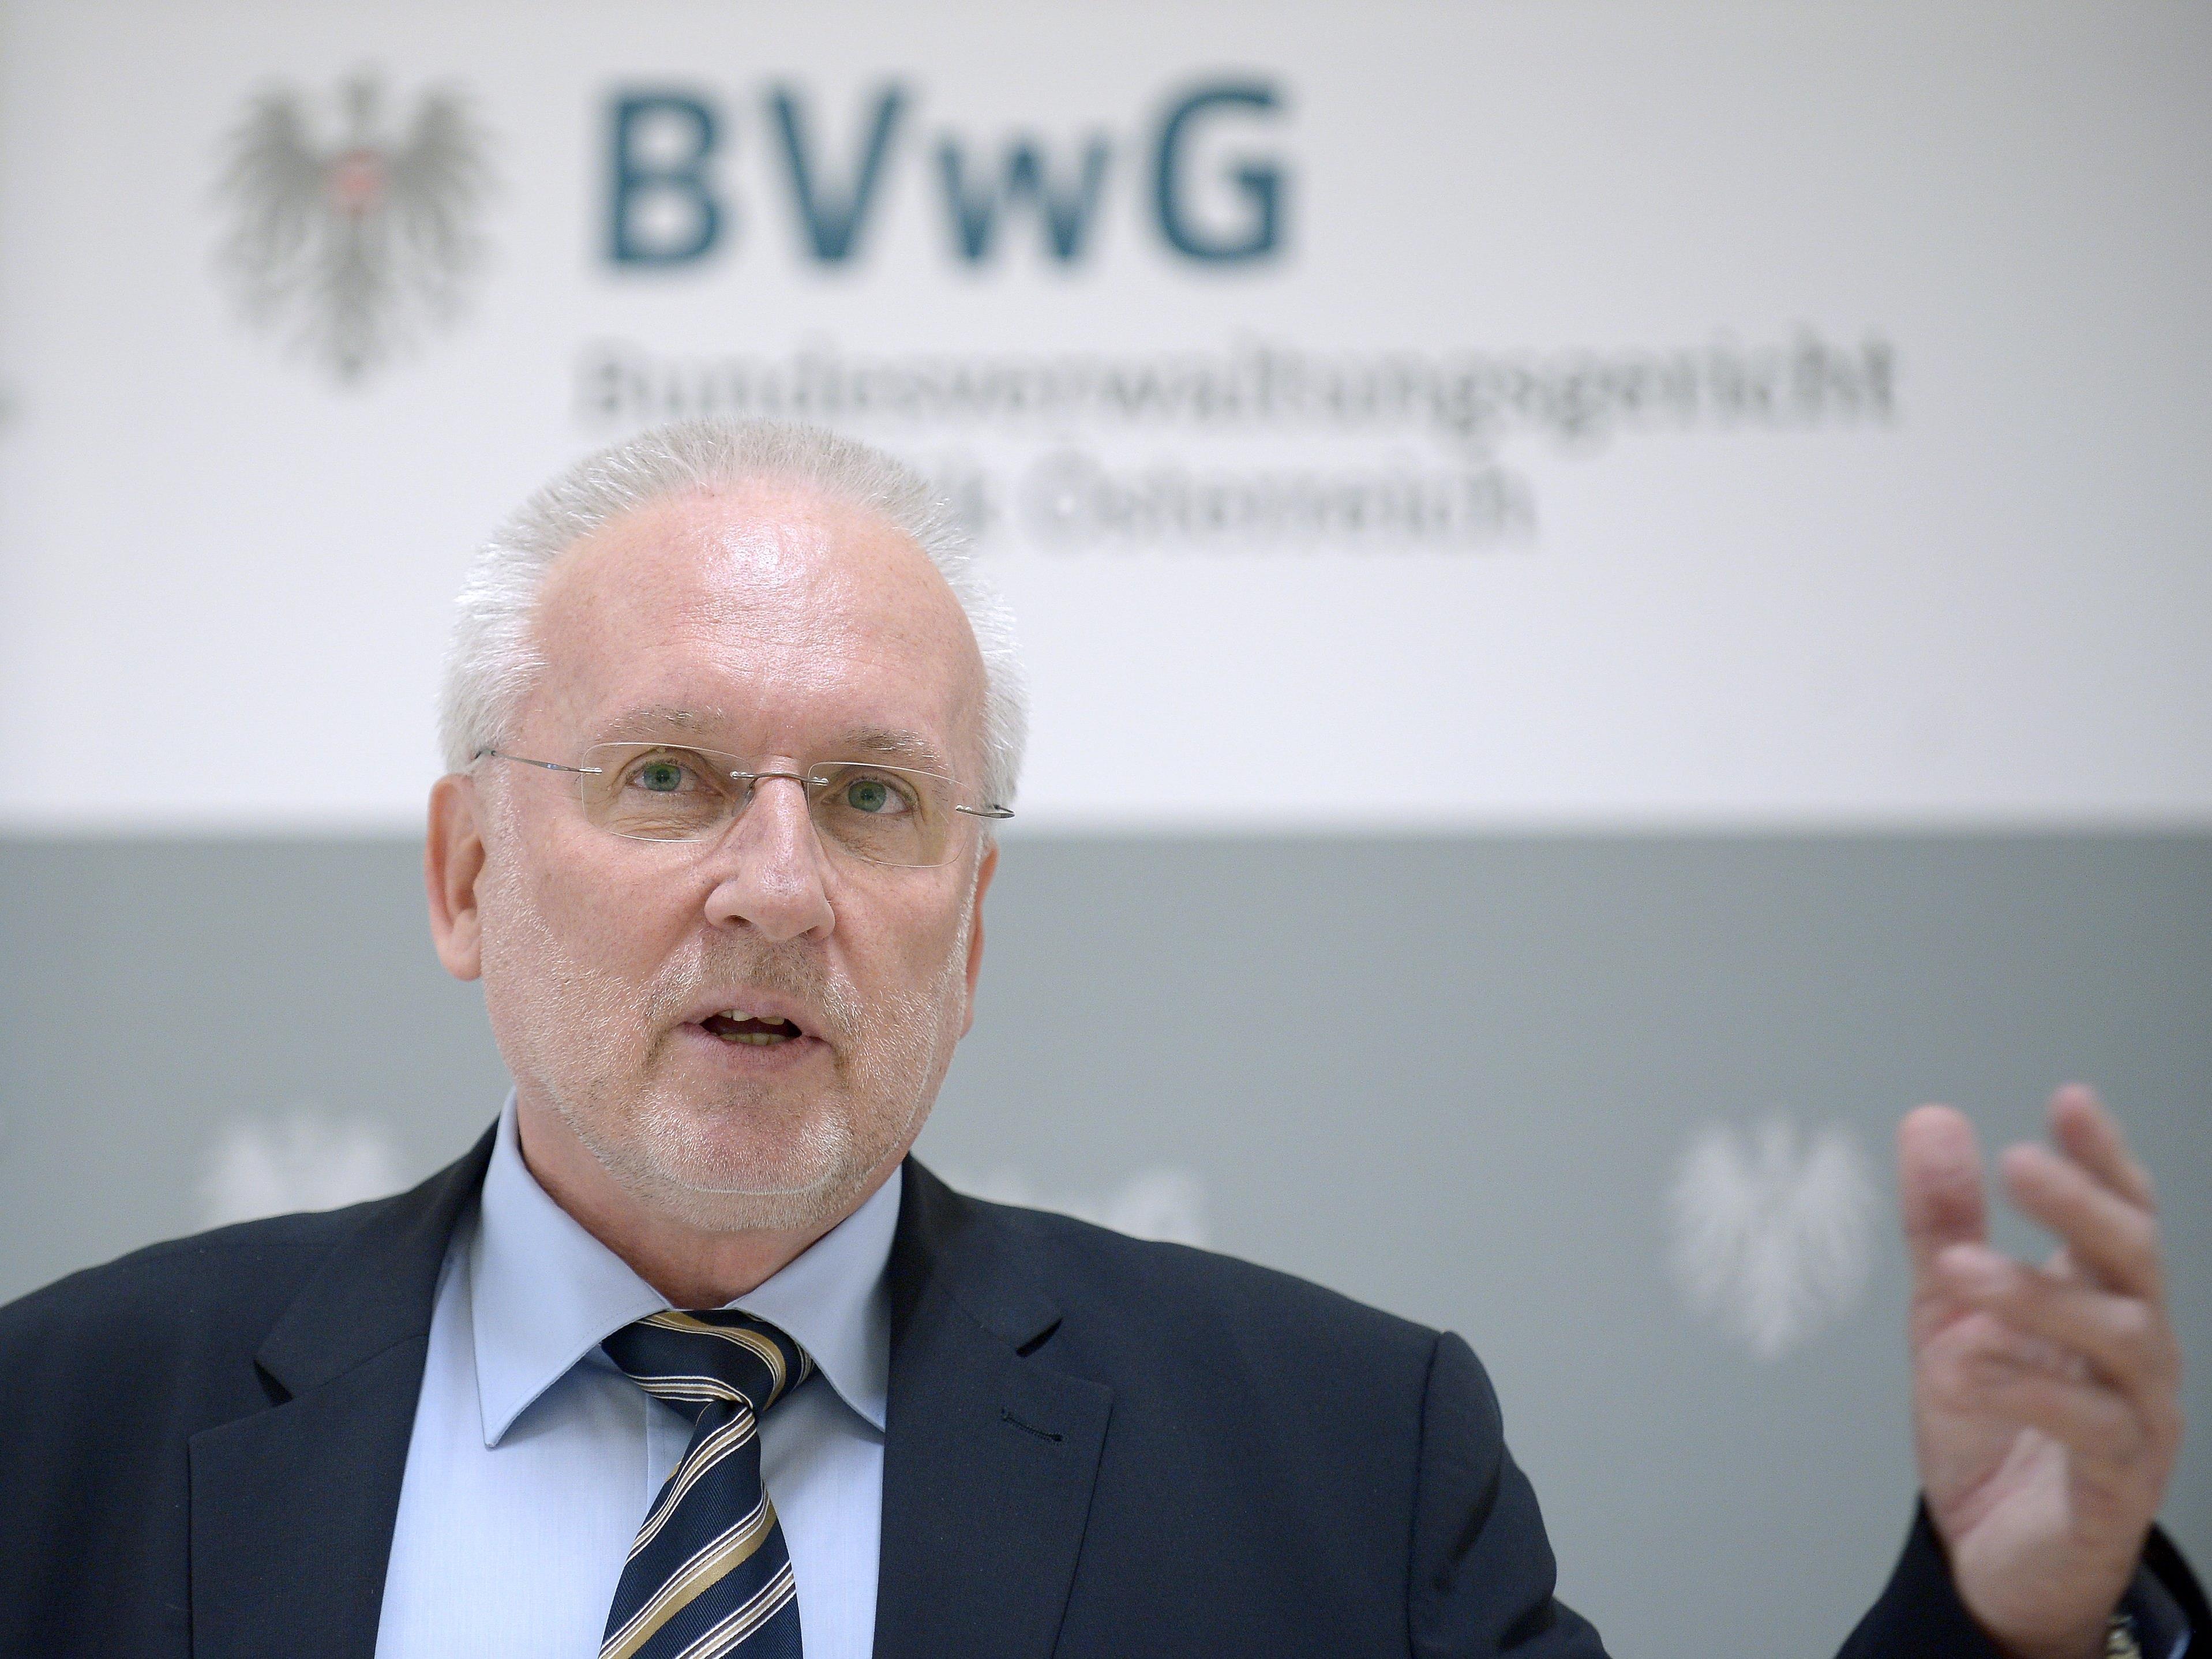 Der Präsident des Bundesverwaltungsgerichts (BVwG) verteidigt das Urteil.